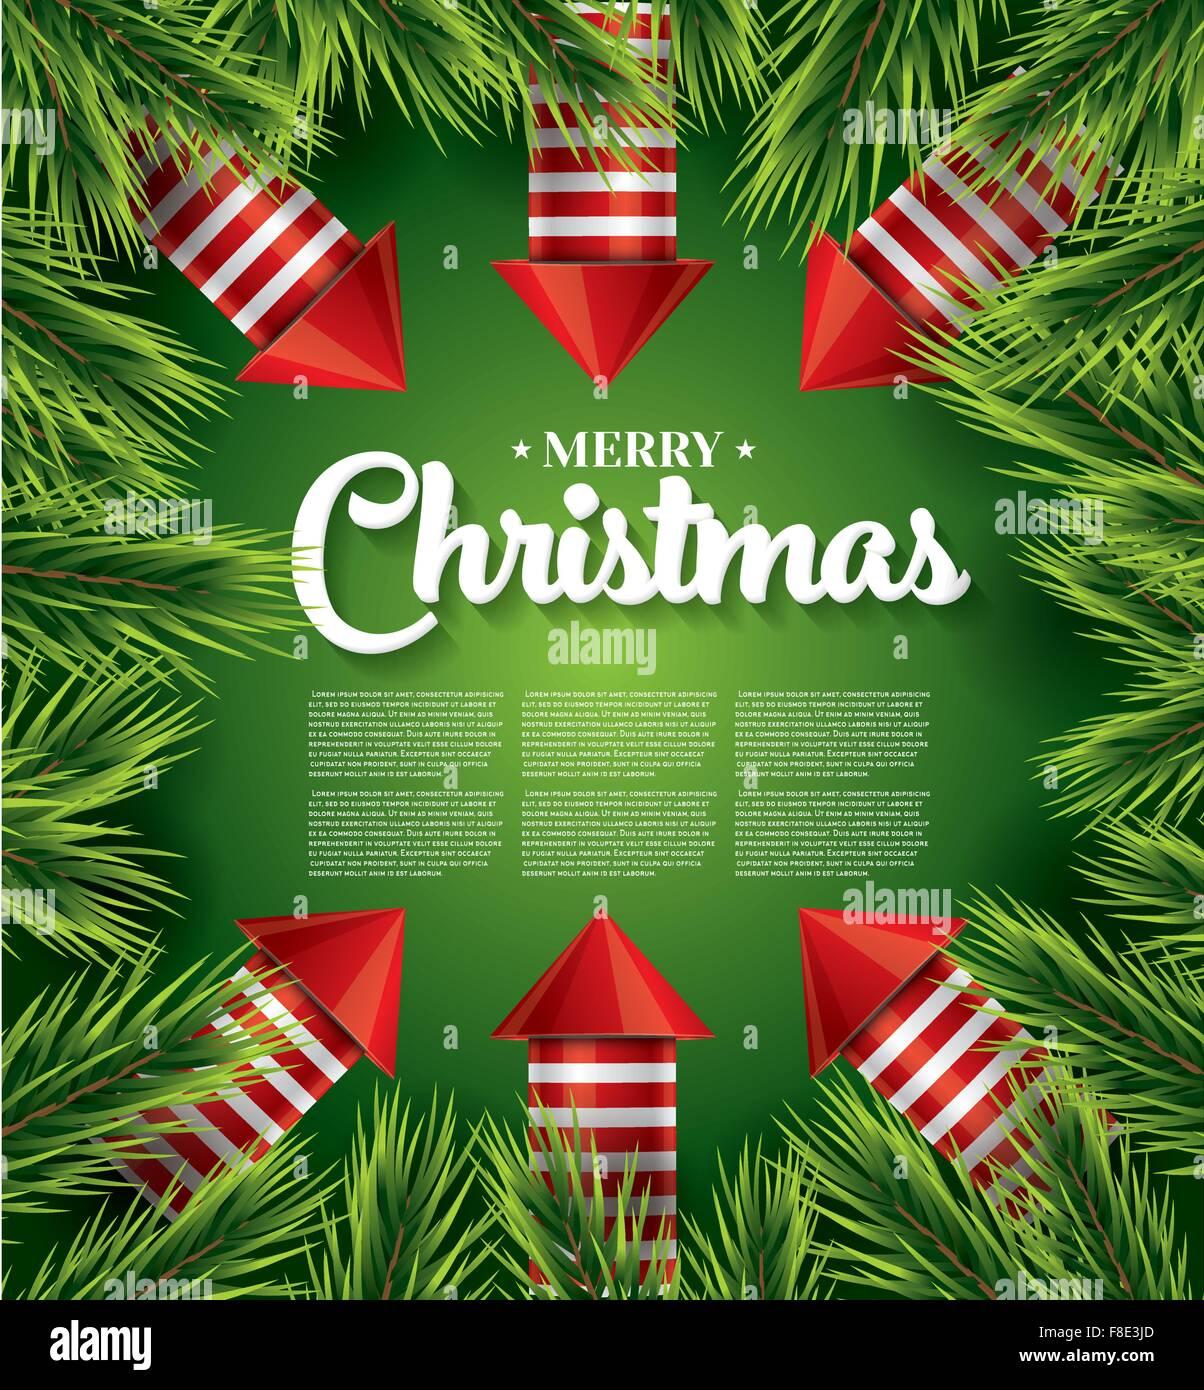 Weihnachtskarten Einladung.Weihnachtskarte Mit Tannenzweig Rote Raketen Und Textfreiraum Auf